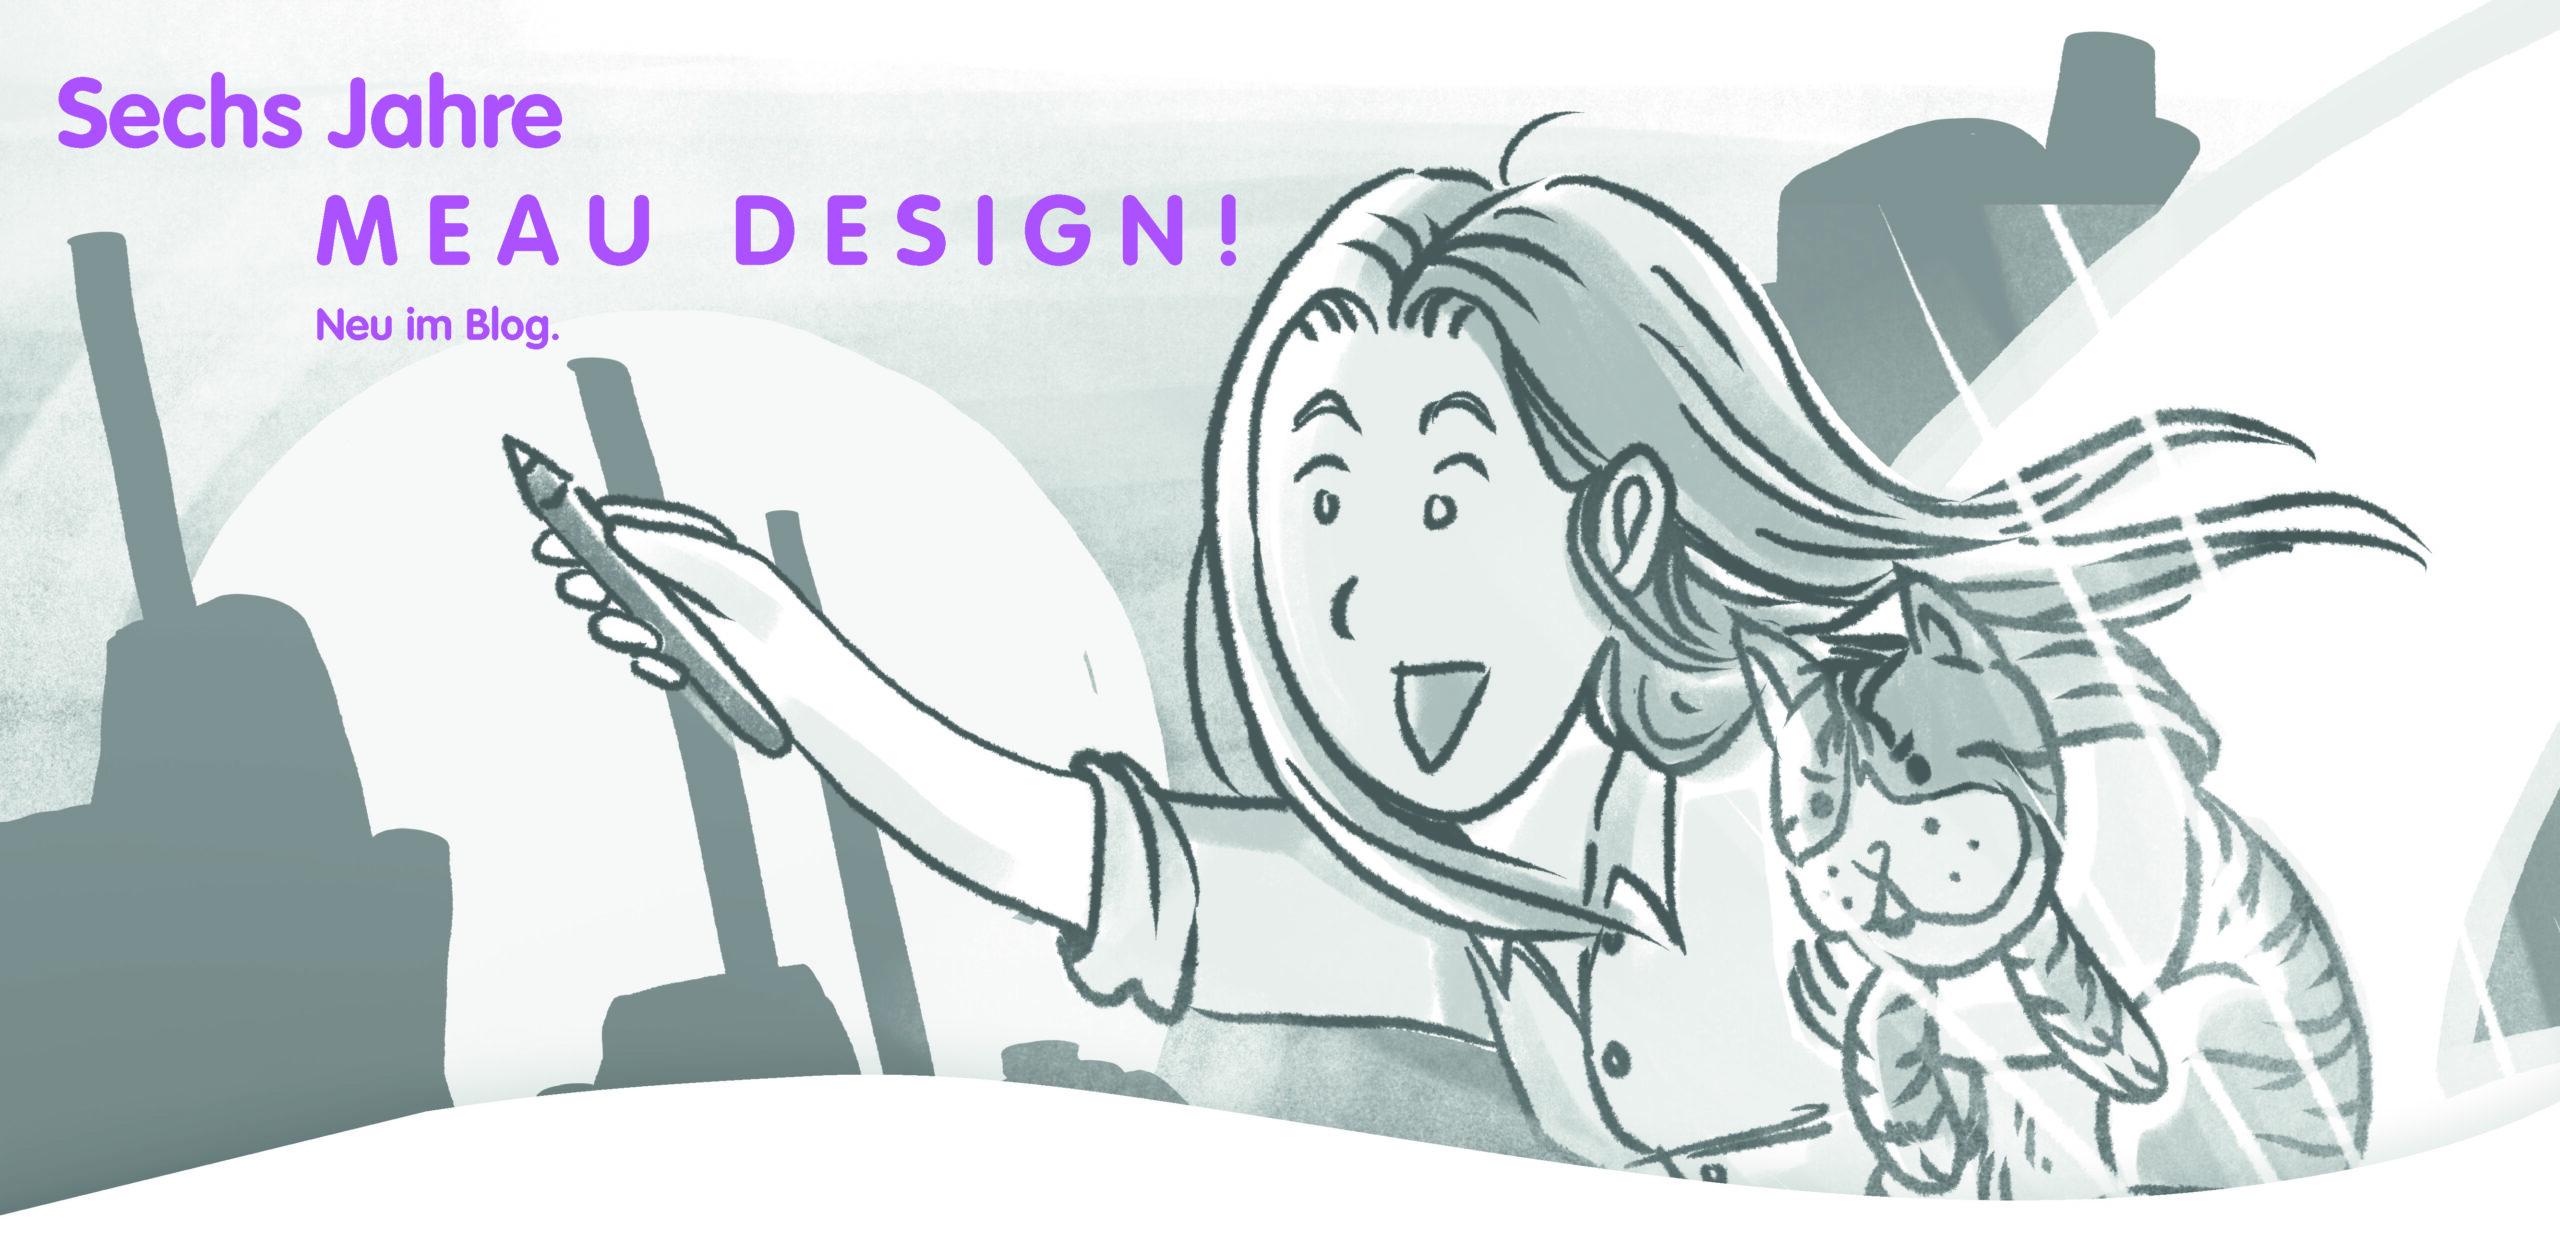 03 6 Jahre MEAU DESIGN_Blog_Melanie Austermann_Illustration_Grafikdesign_sw